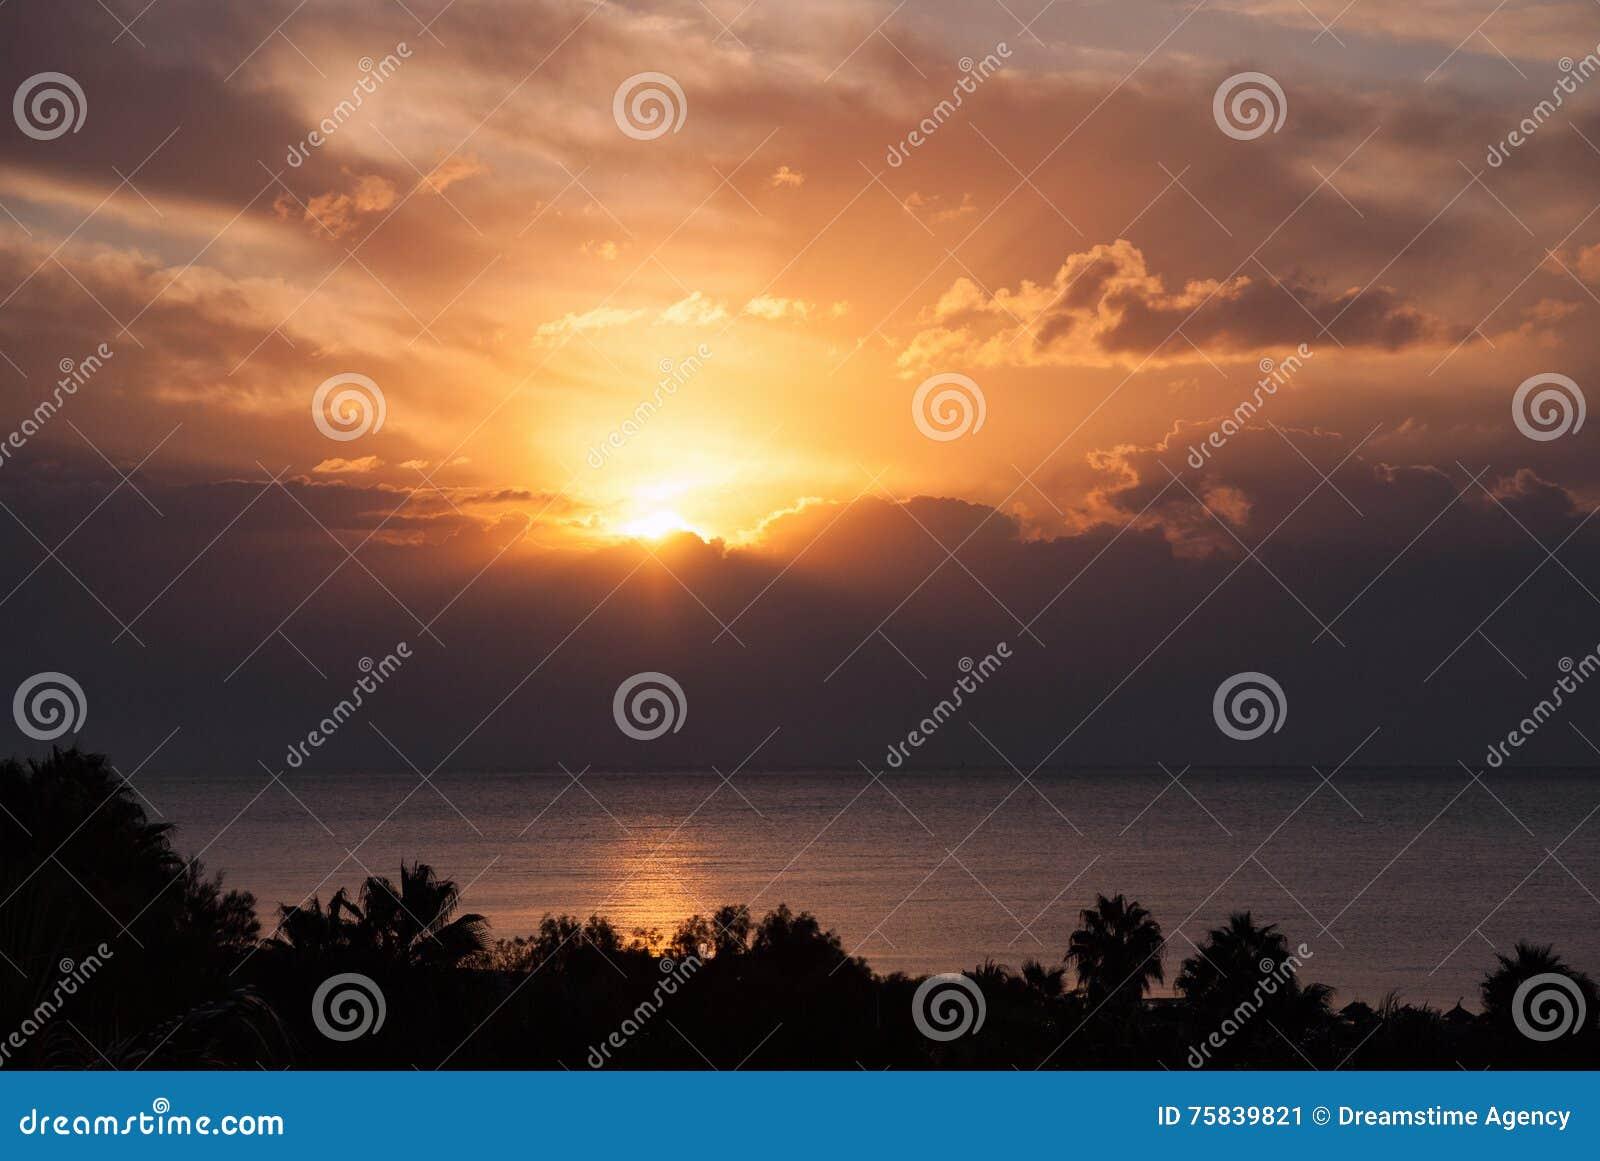 日落覆盖棕榈树剪影天际